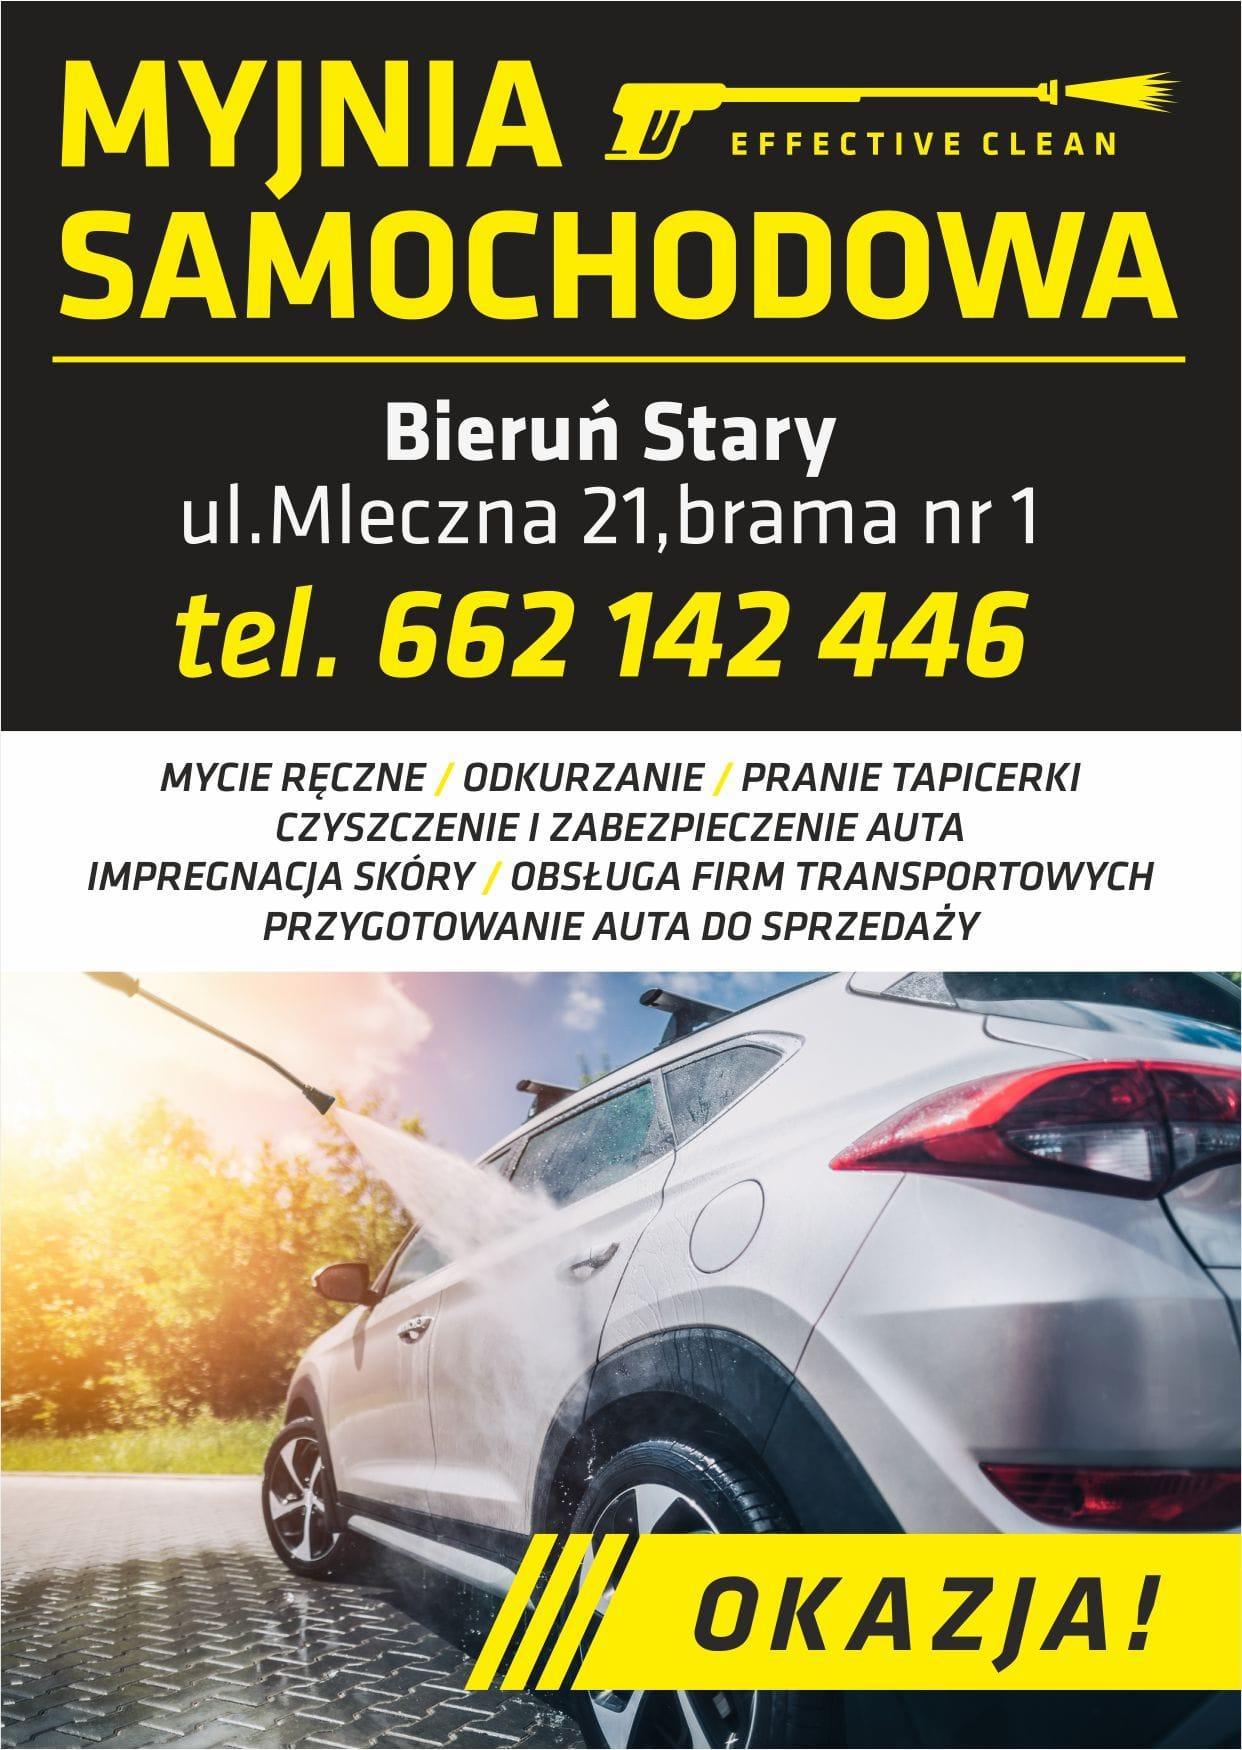 Effective Clean Mariusz Kupiecki